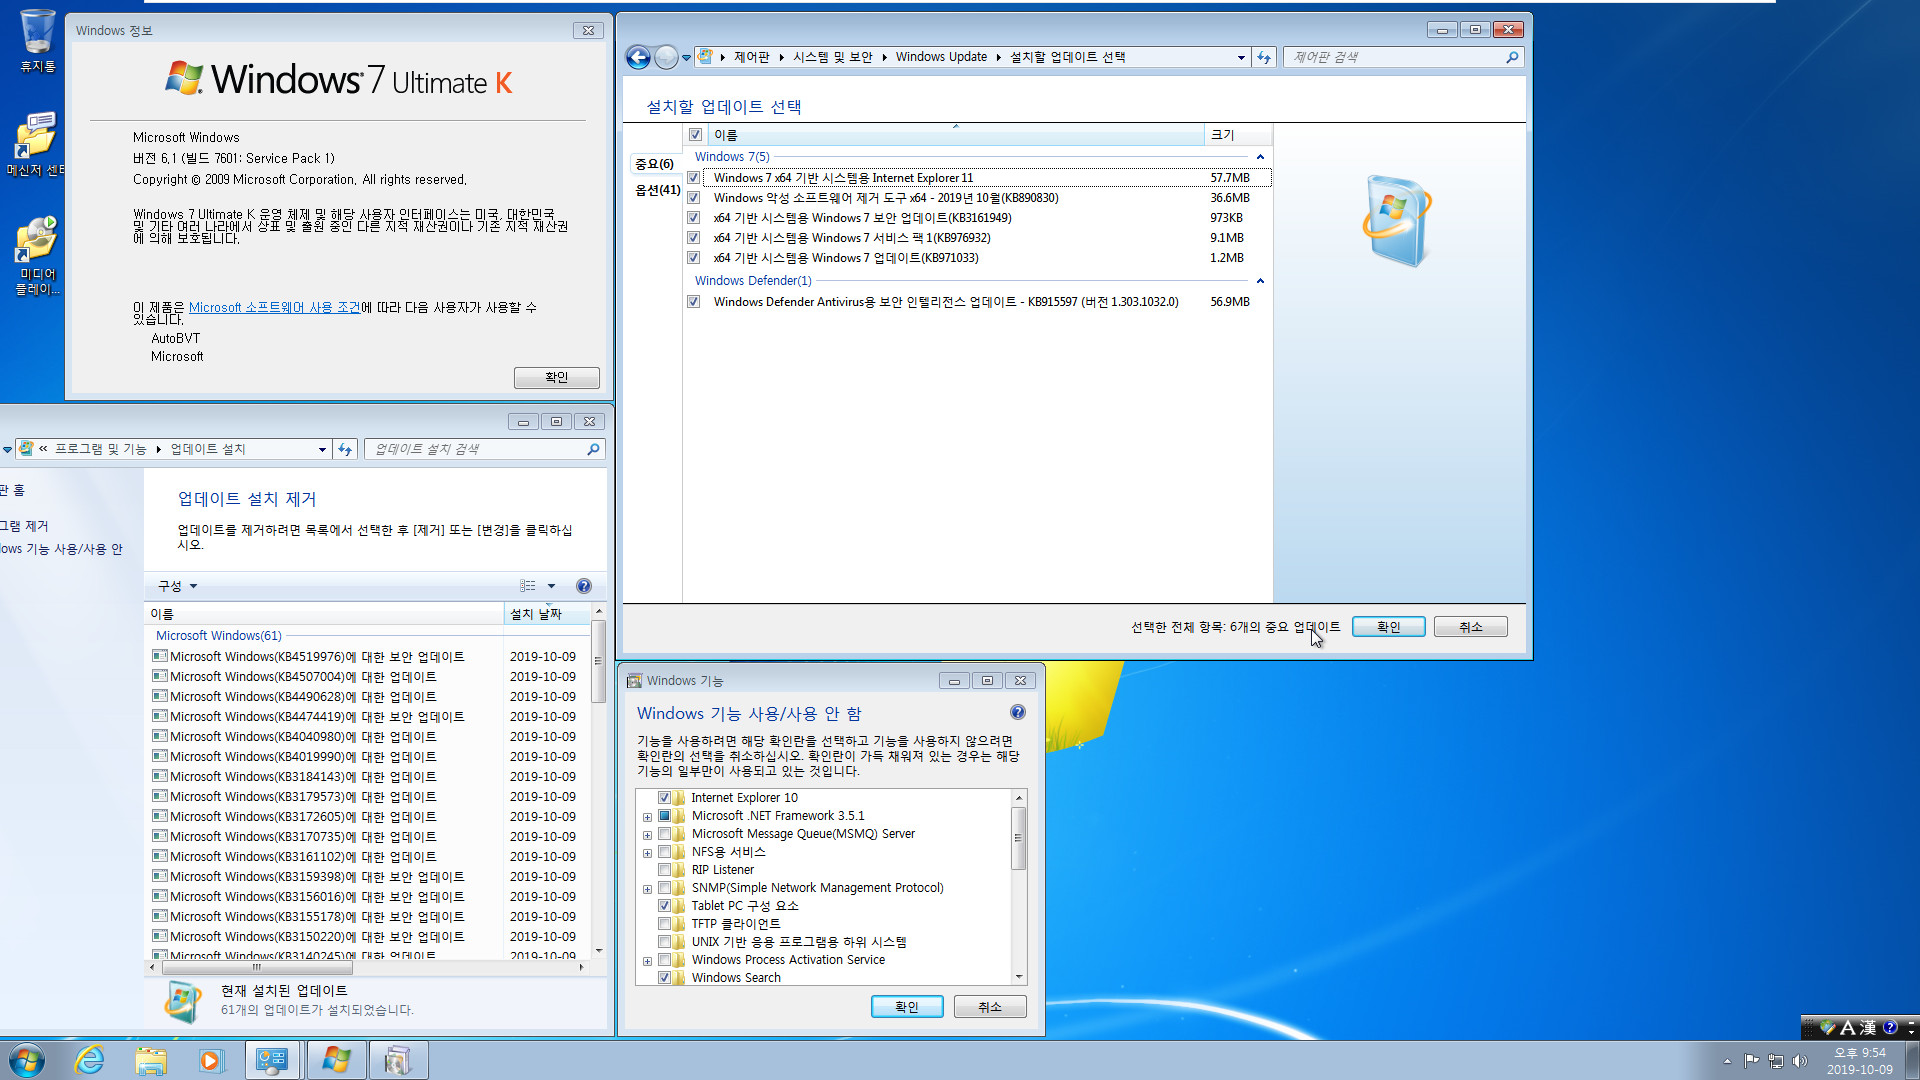 2019년 10월 9일 정기 업데이트 나왔네요 - Windows 7 롤업 업데이트 KB4519976 (OS 빌드 7601.24533) [2019-10-08 일자] IE10 통합중 입니다 - 64비트 확인 2019-10-09_215453.jpg